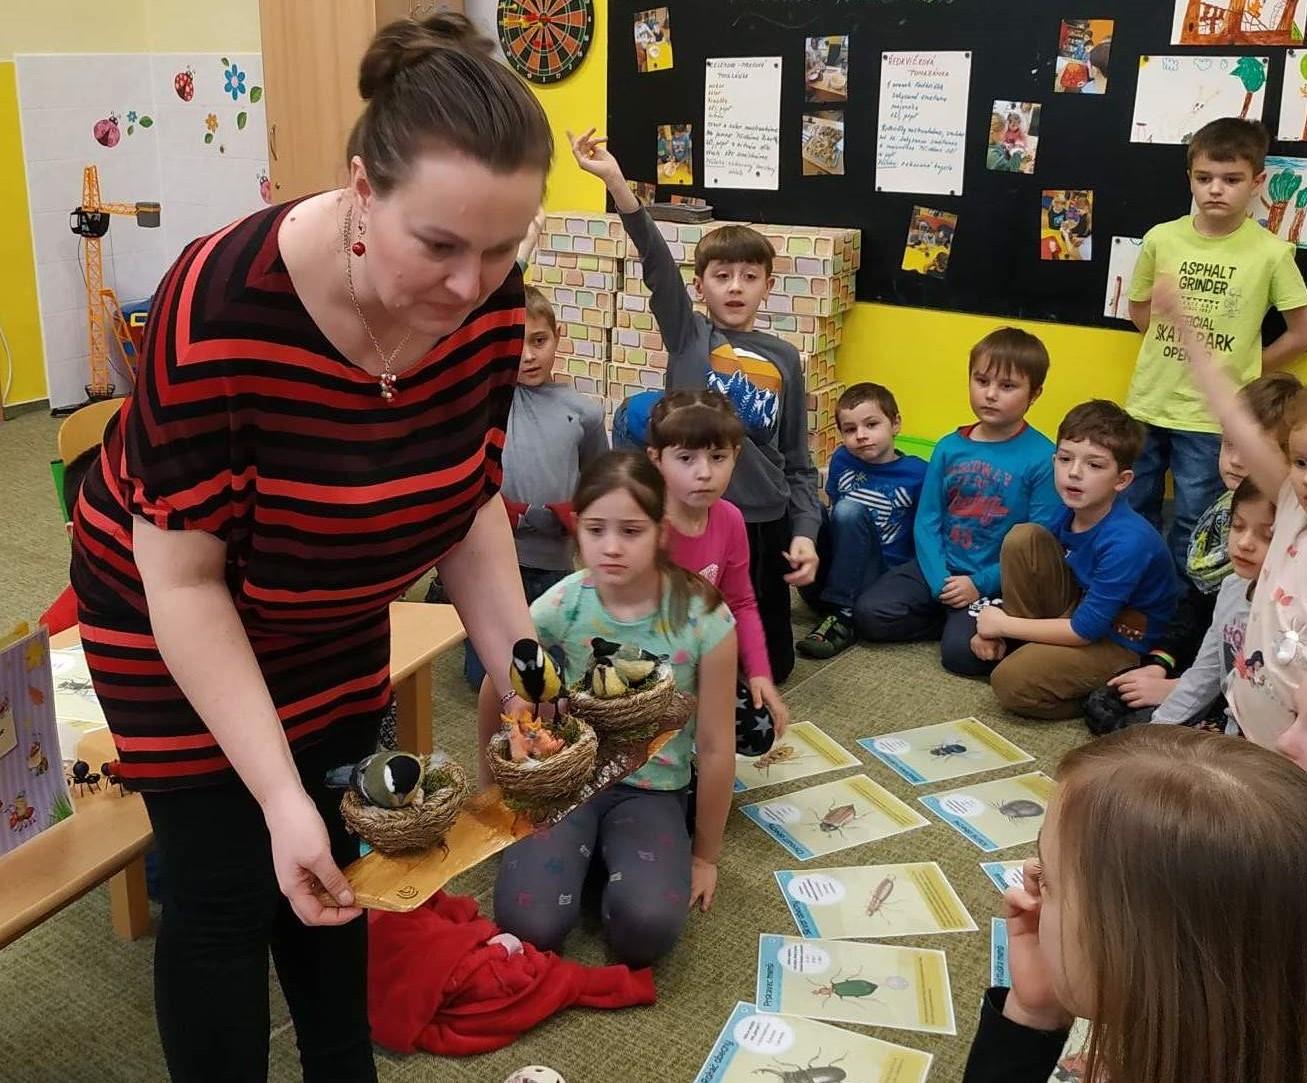 Návštěva entomologa ve školní družině